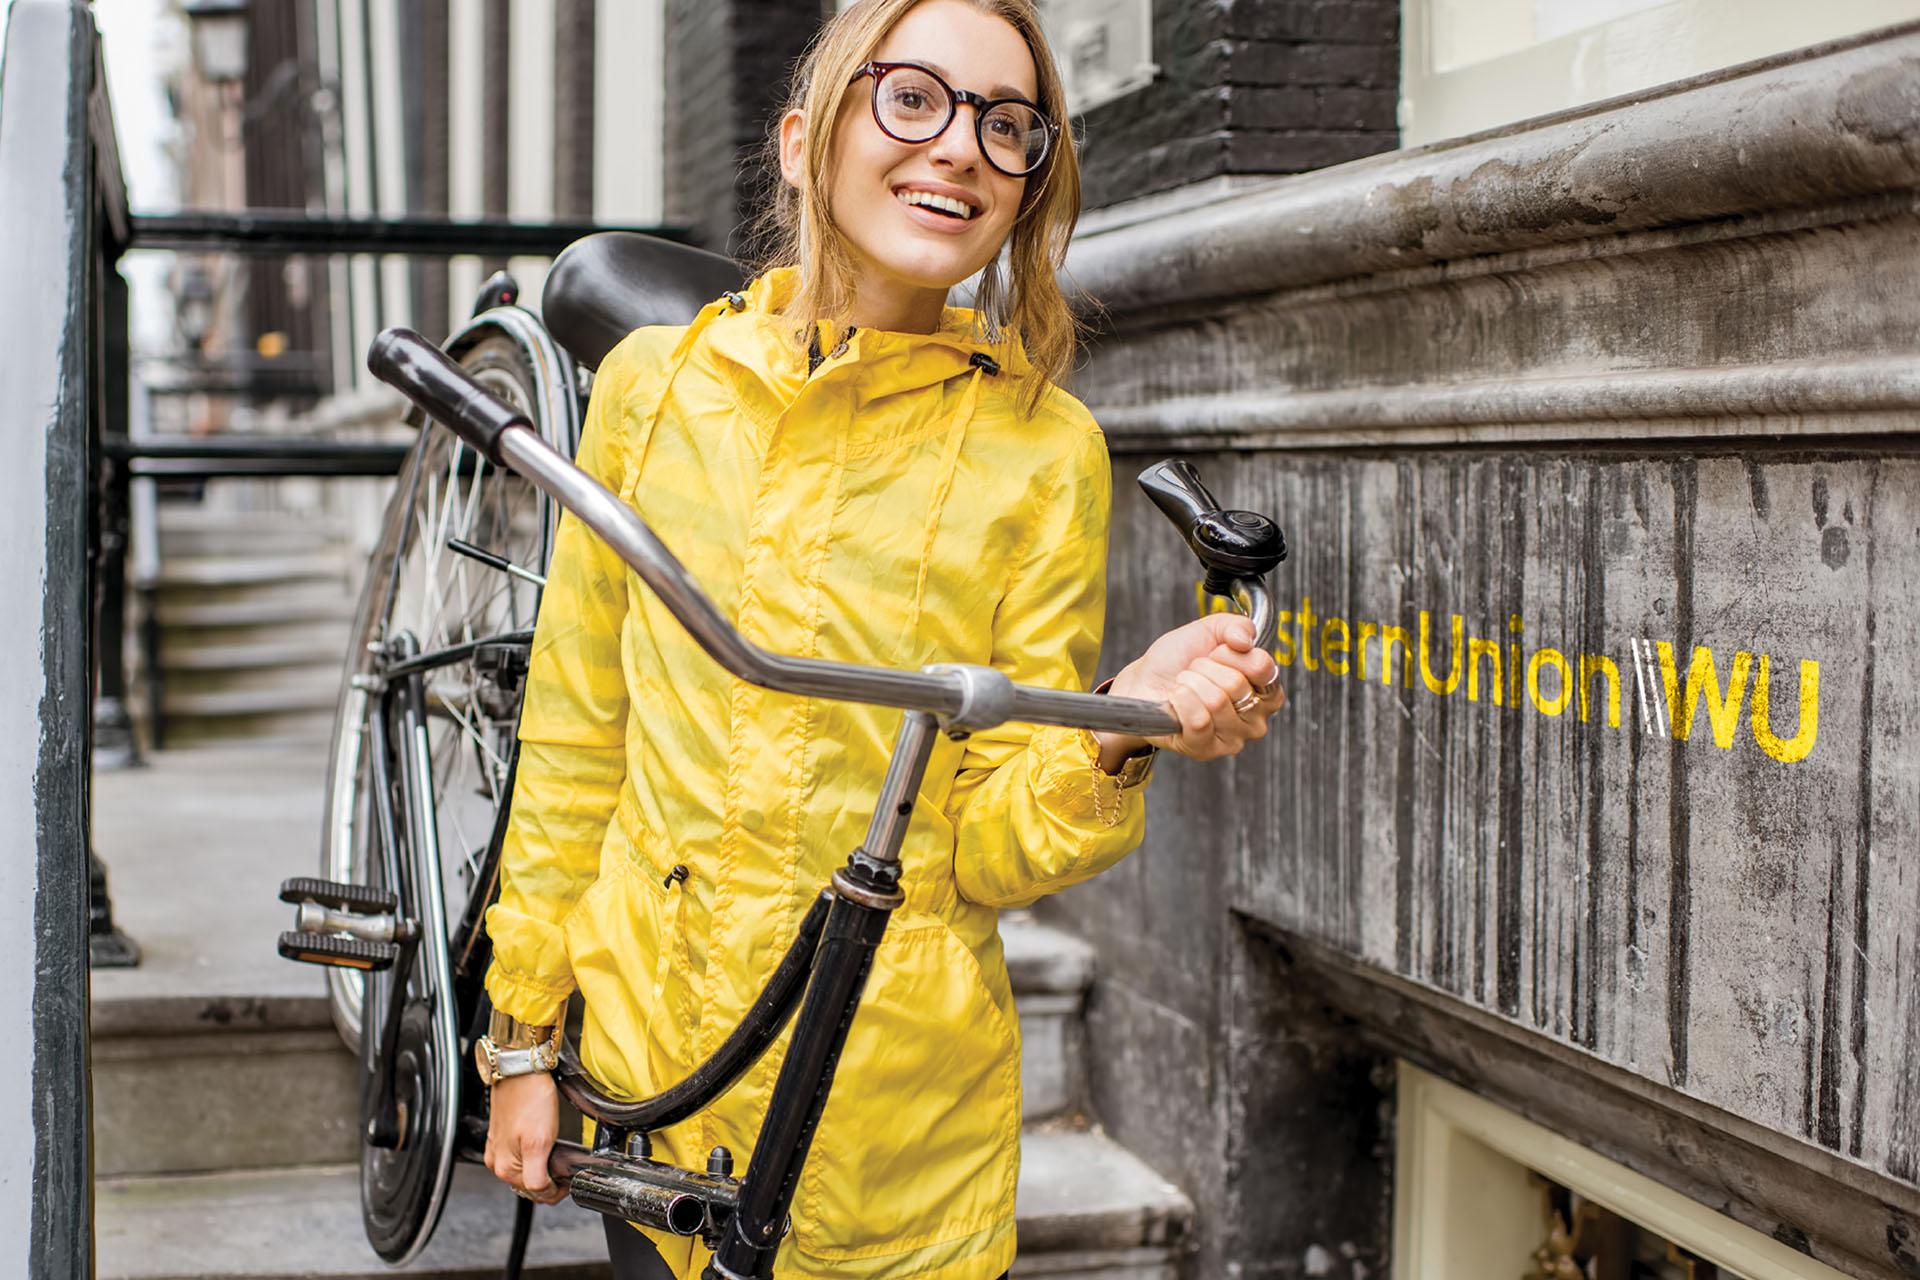 WU #autumn #2018 #bike #girl